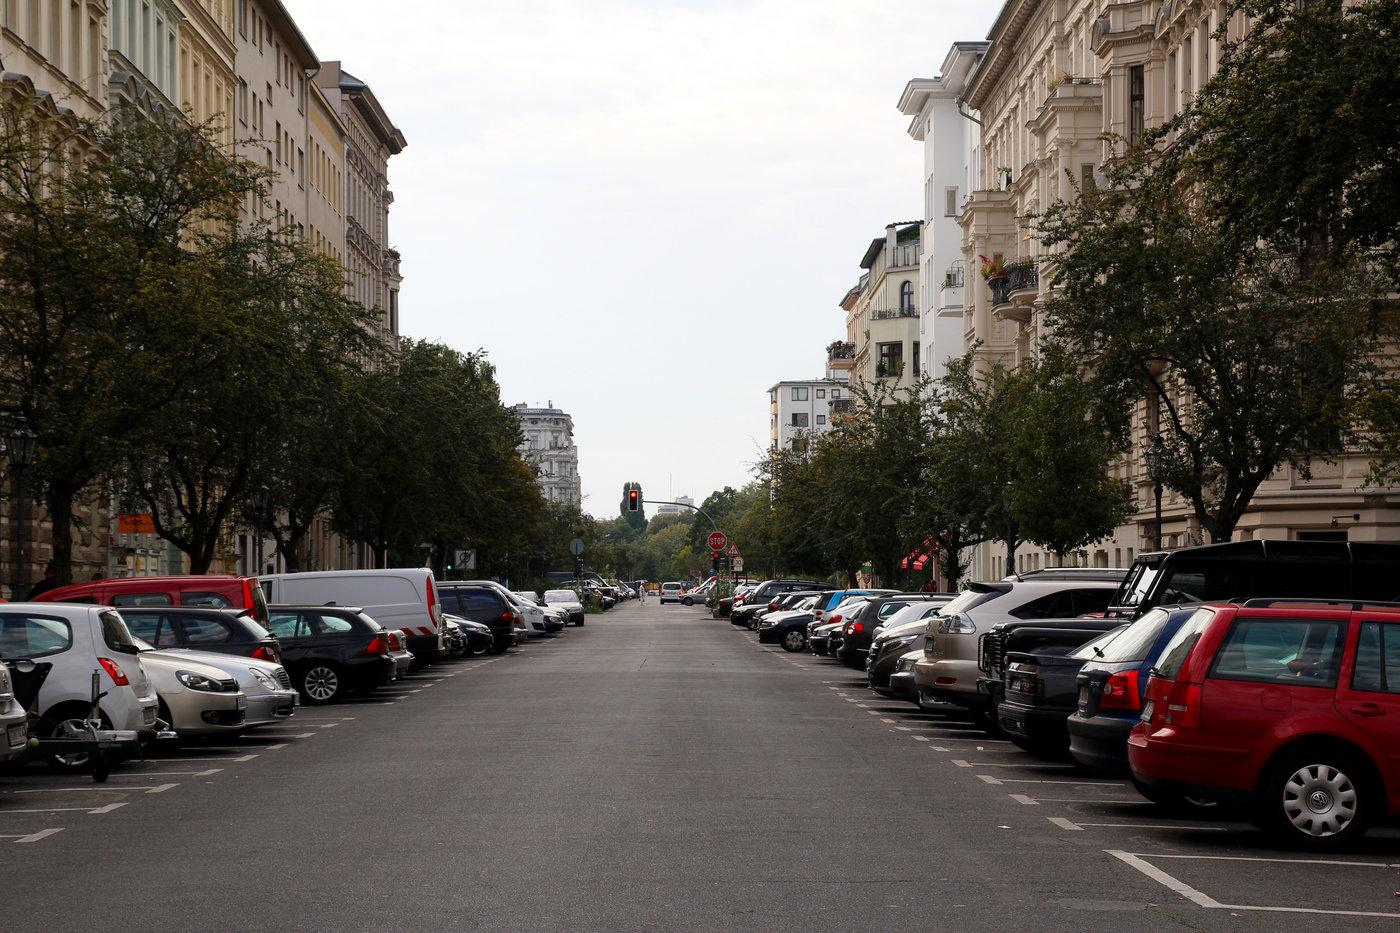 Fahrstunden in ruhigem Verkehrsraum Kreuzberg